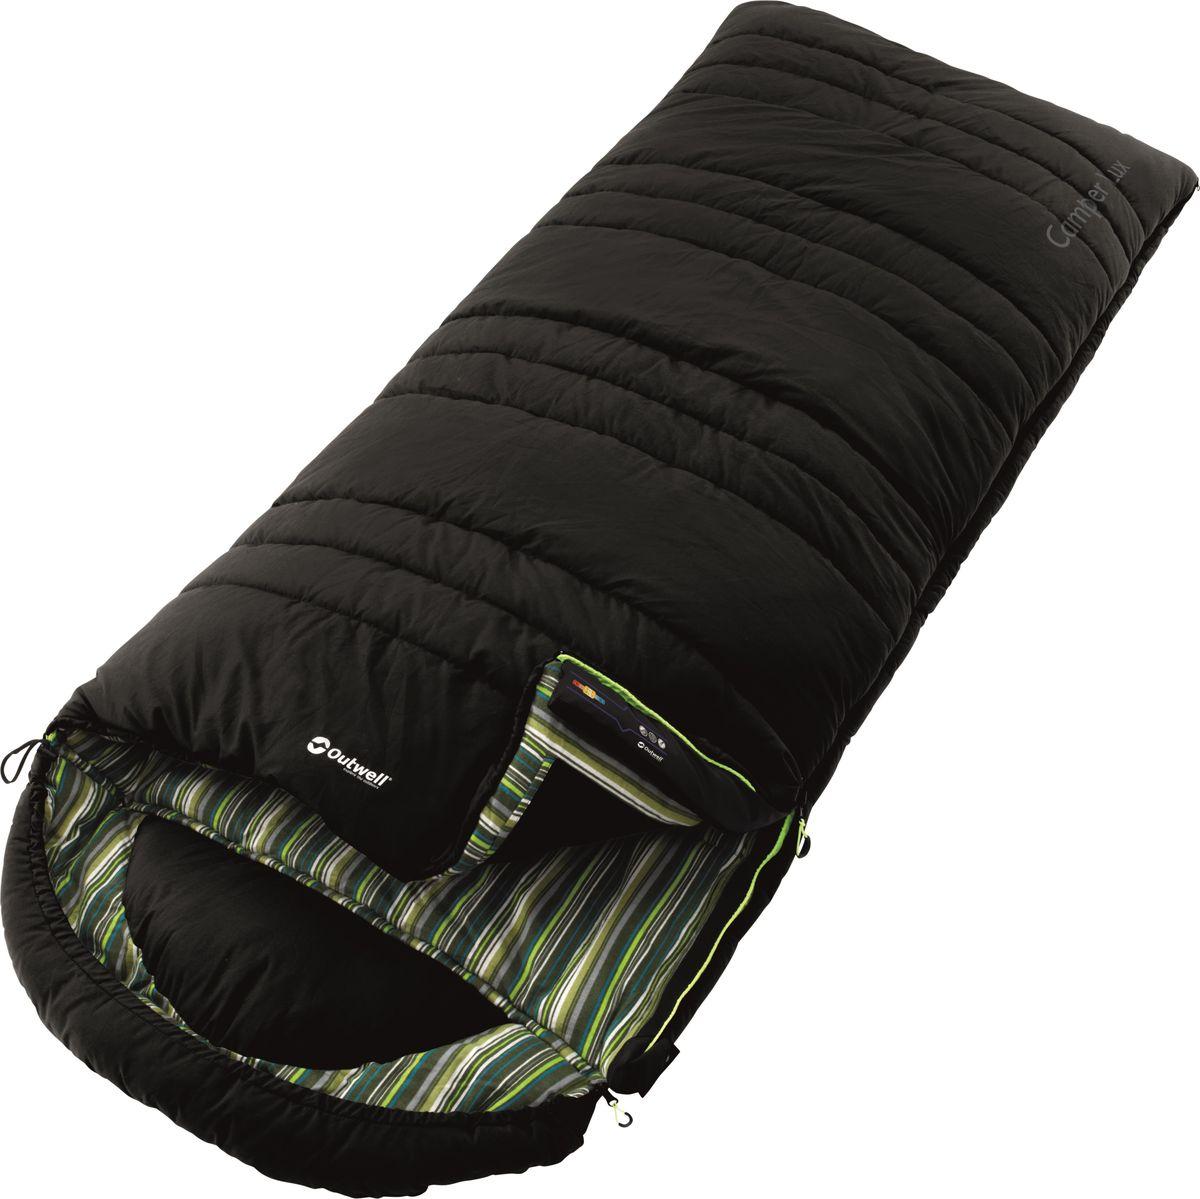 Спальный мешок Outwell Camper Lux, двусторонняя молния, цвет: темно-серый230081Спальные мешки Outwell Camper Lux выполнены из трикотажного полиэстера. В спальнике в качестве наполнителя используется двойной слой Isofill. Снабженный всеми функциями, спальный мешок надежно прослужит вам не один год.Особенности:Комфортный капюшон.Защита молнии для тепла на полную длину.Внутренний карман для небольших вещей.Угловые петли крепления вкладыша.Компрессионный мешок.Защита от заедания молнии.